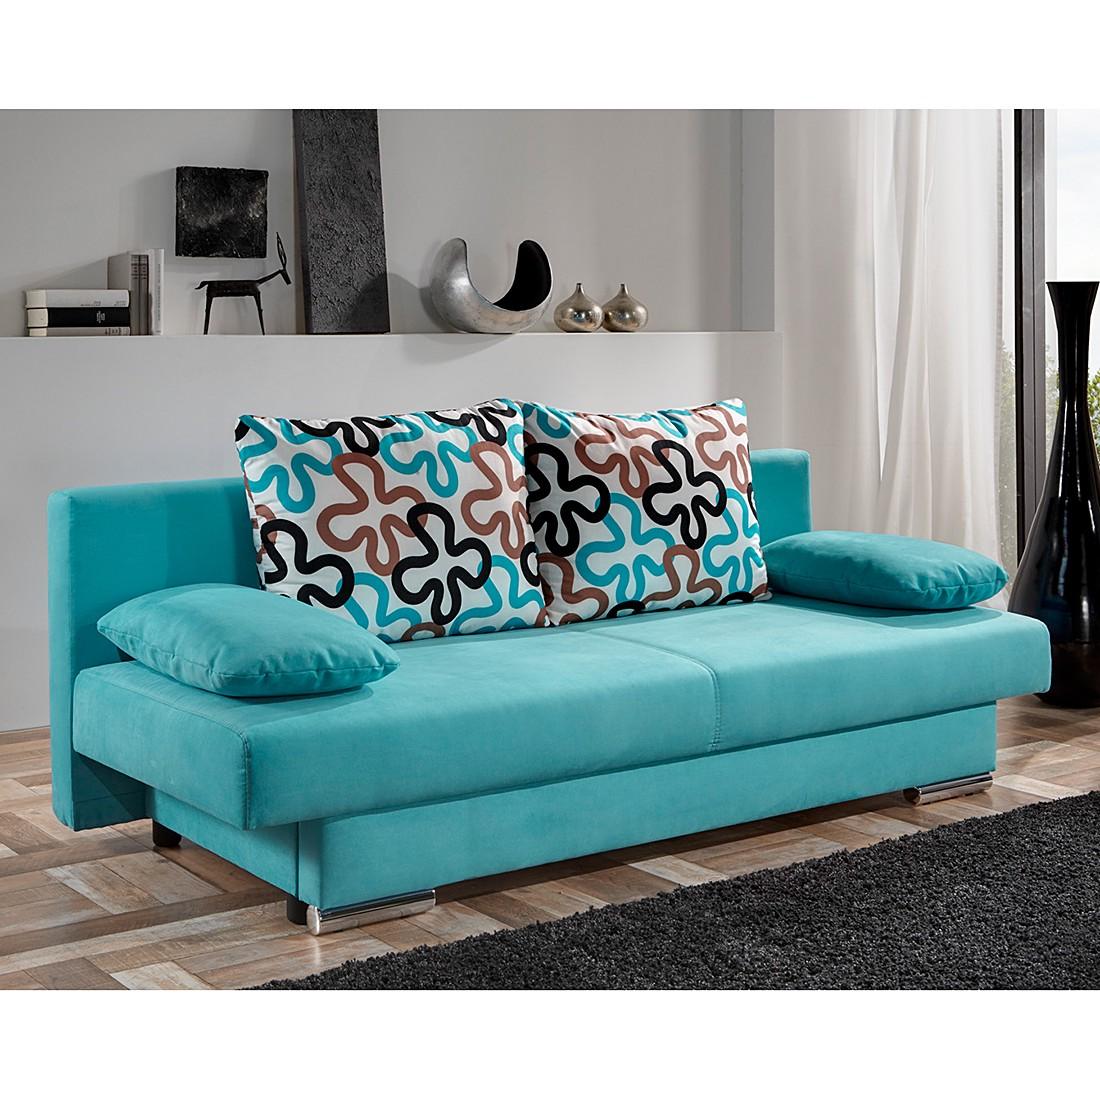 14 sparen schlafsofa rijeka von home design nur 299 for Schlafsofa 190 breit